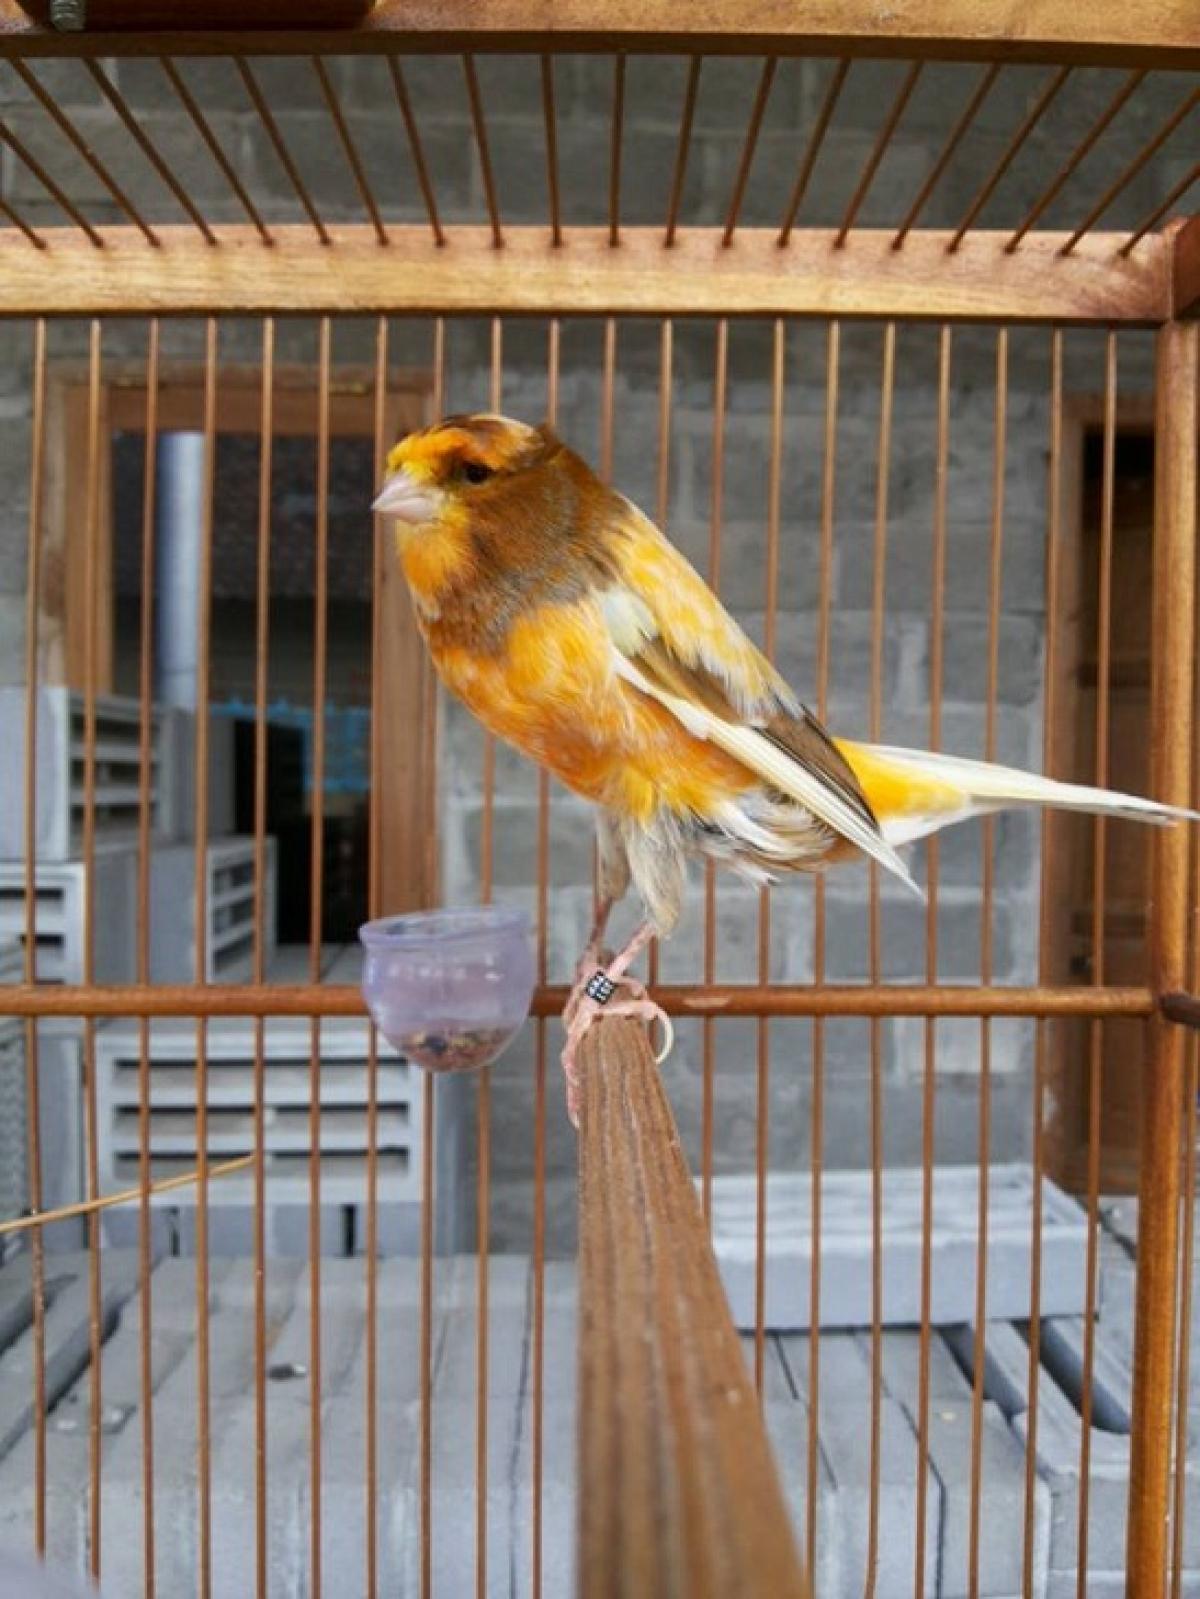 Jual Di Jual Burung Kenari Ysr Jerman Maupung Impor Lokal Tokoburungkicau Tokopedia